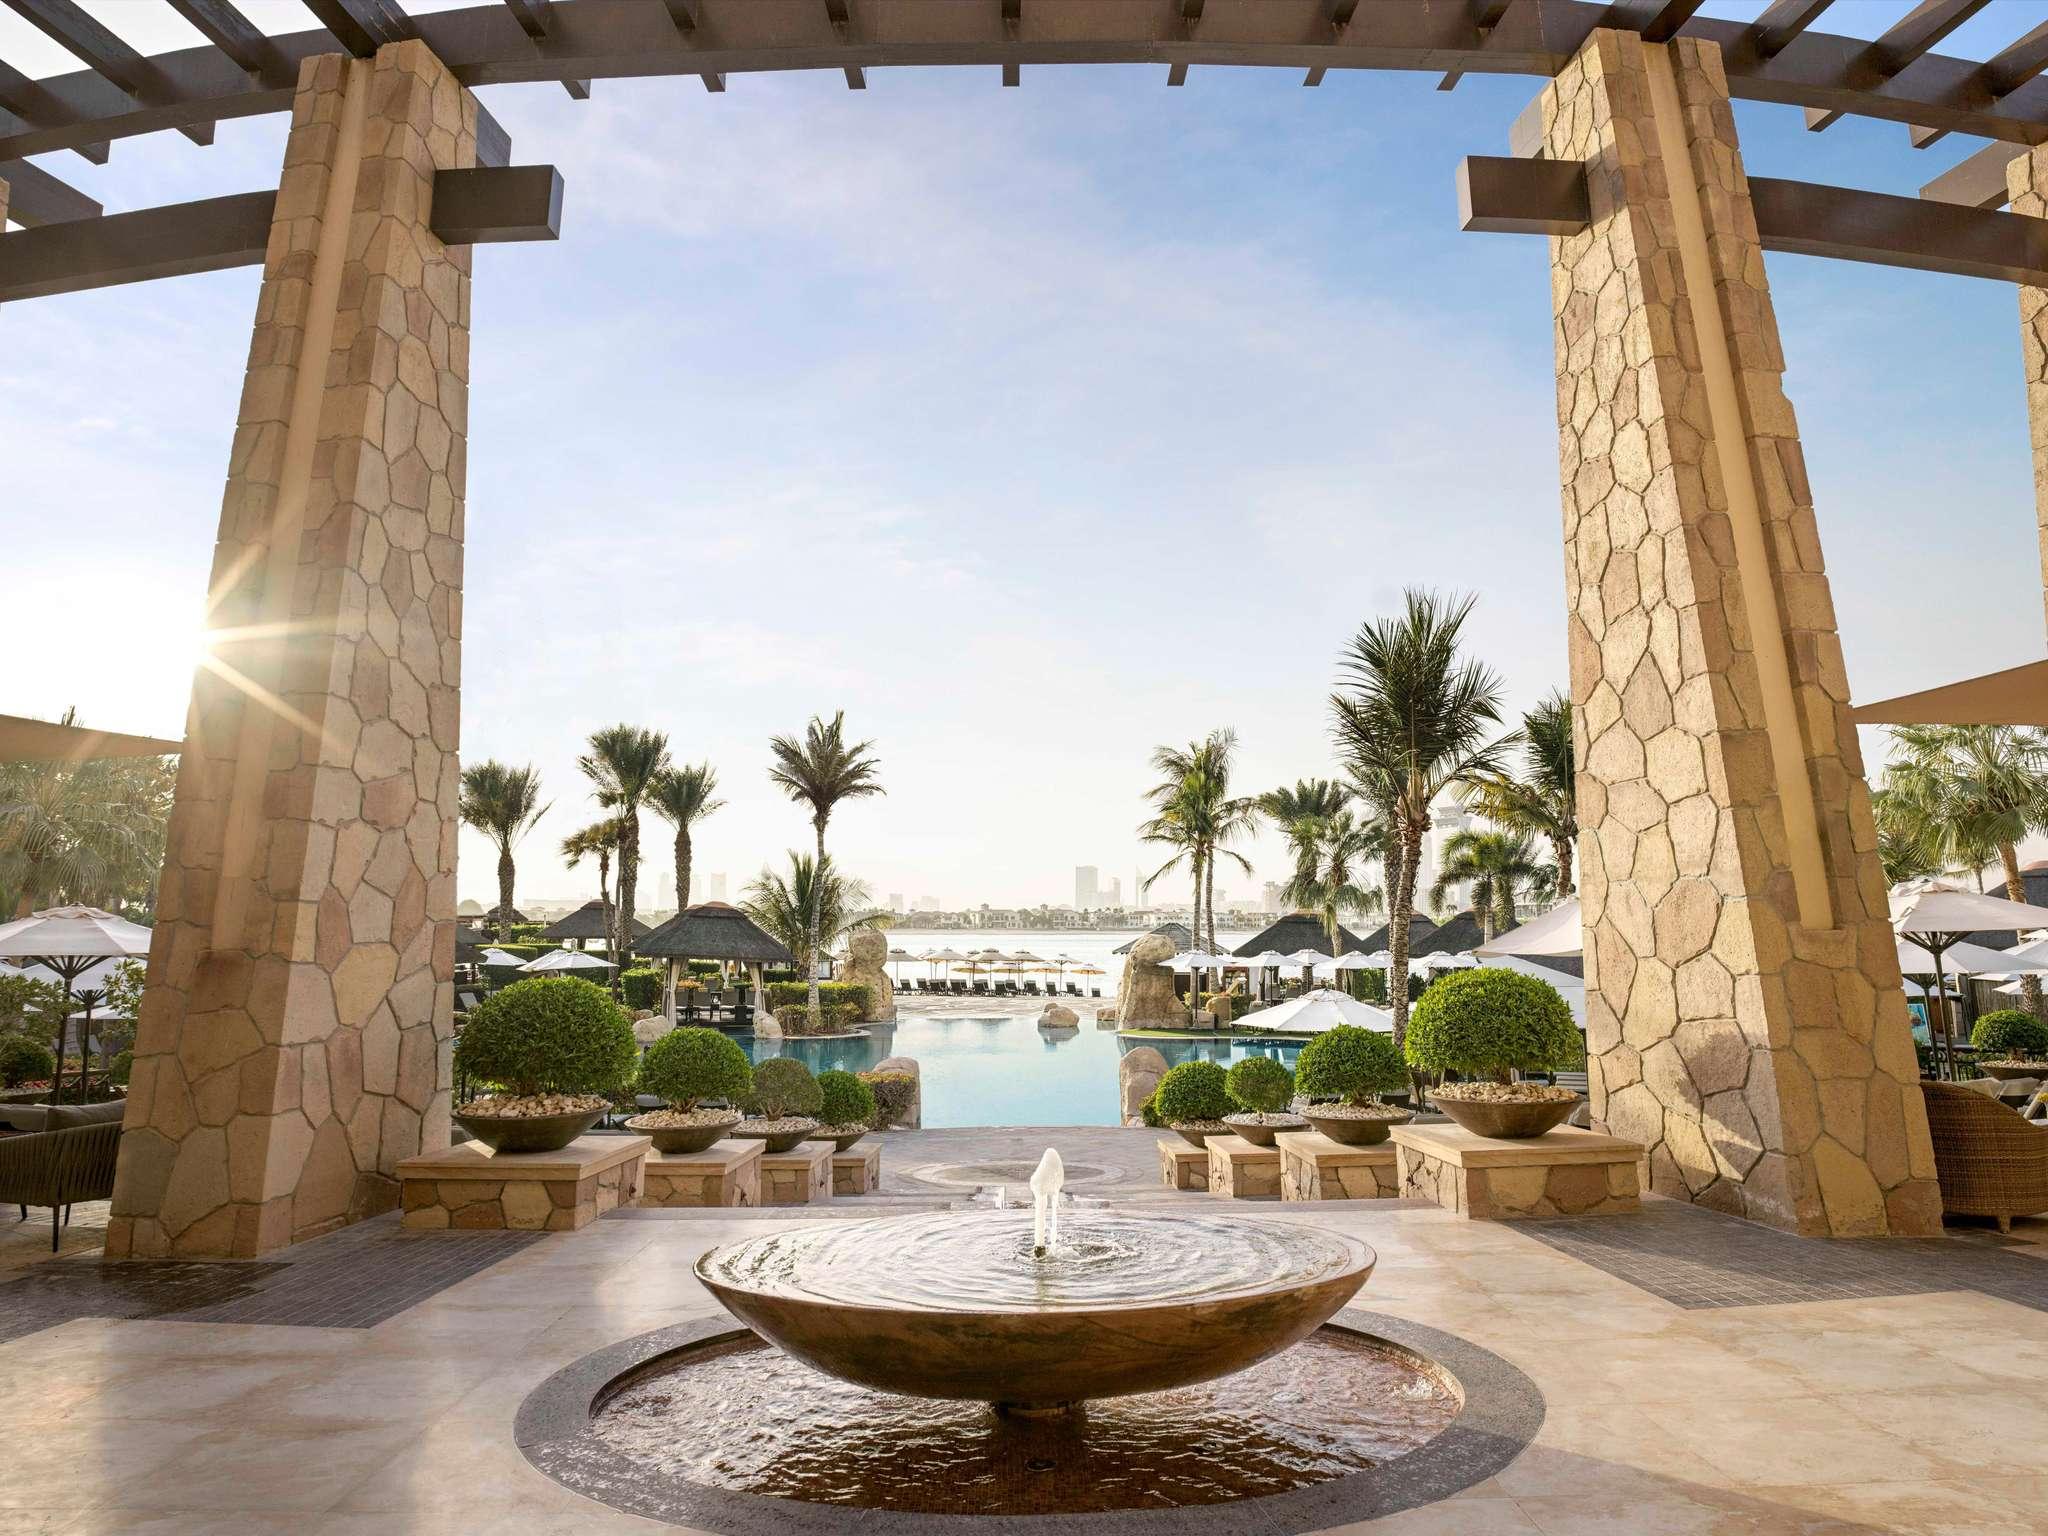 โรงแรม – โซฟิเทล ดูไบ เดอะ ปาล์ม รีสอร์ท แอนด์ สปา